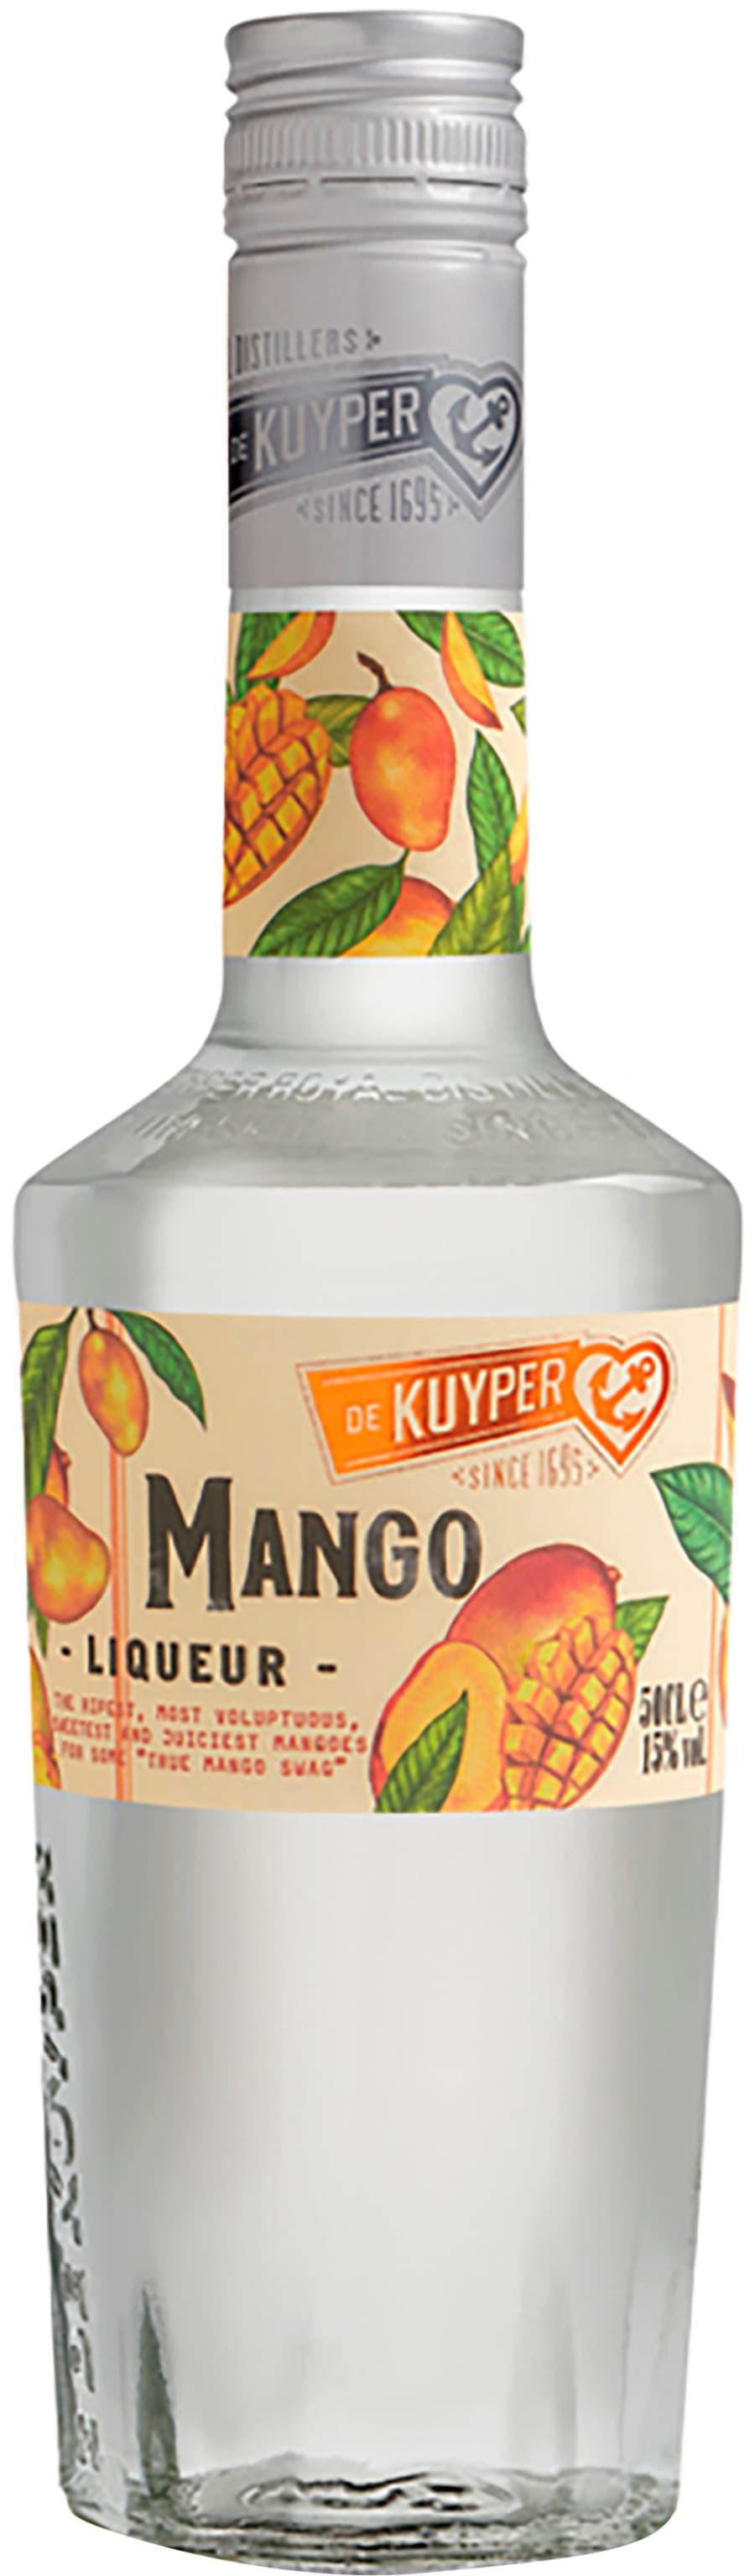 257db8960 De Kuyper Mango